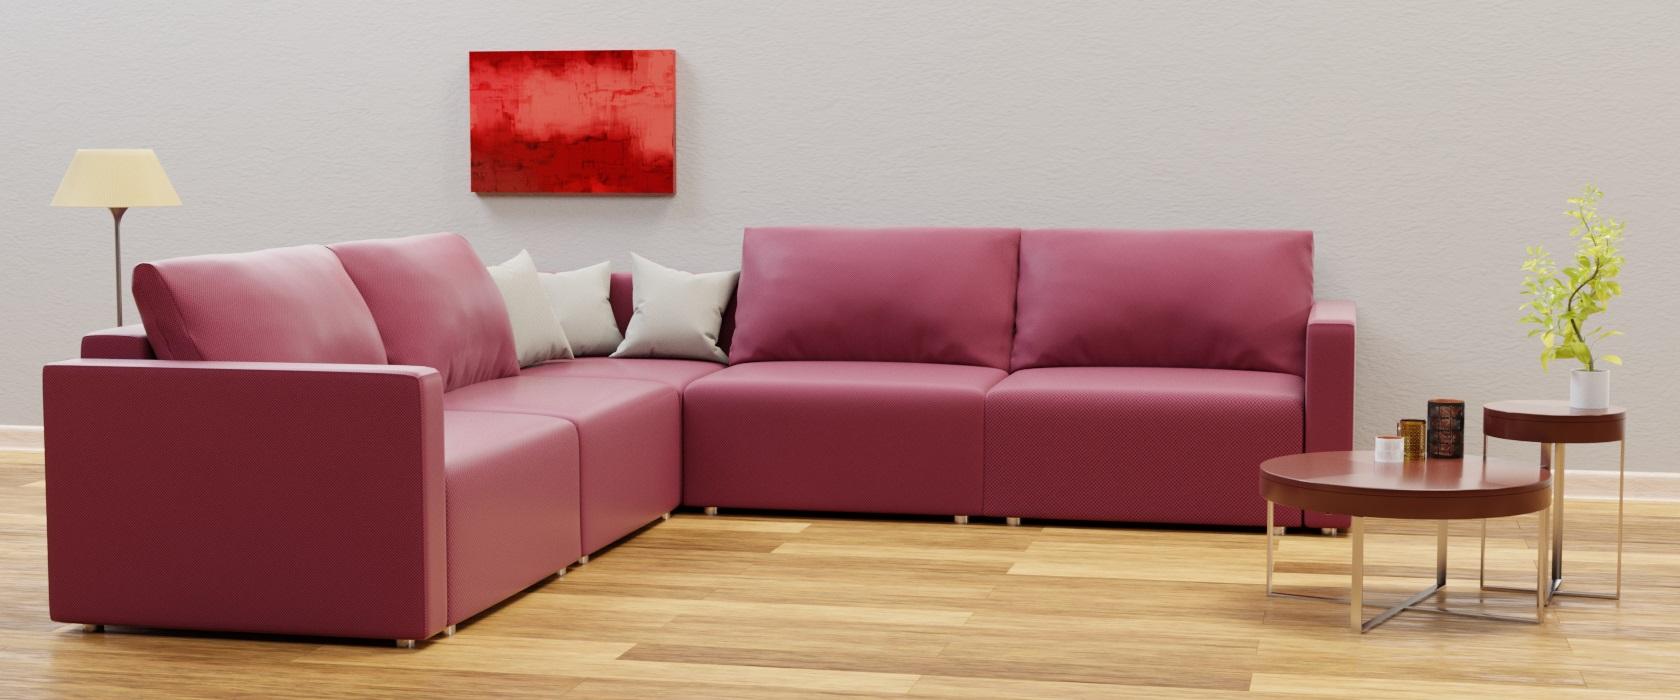 Модульный диван Greta 317x317 - Фото 2 - Pufetto